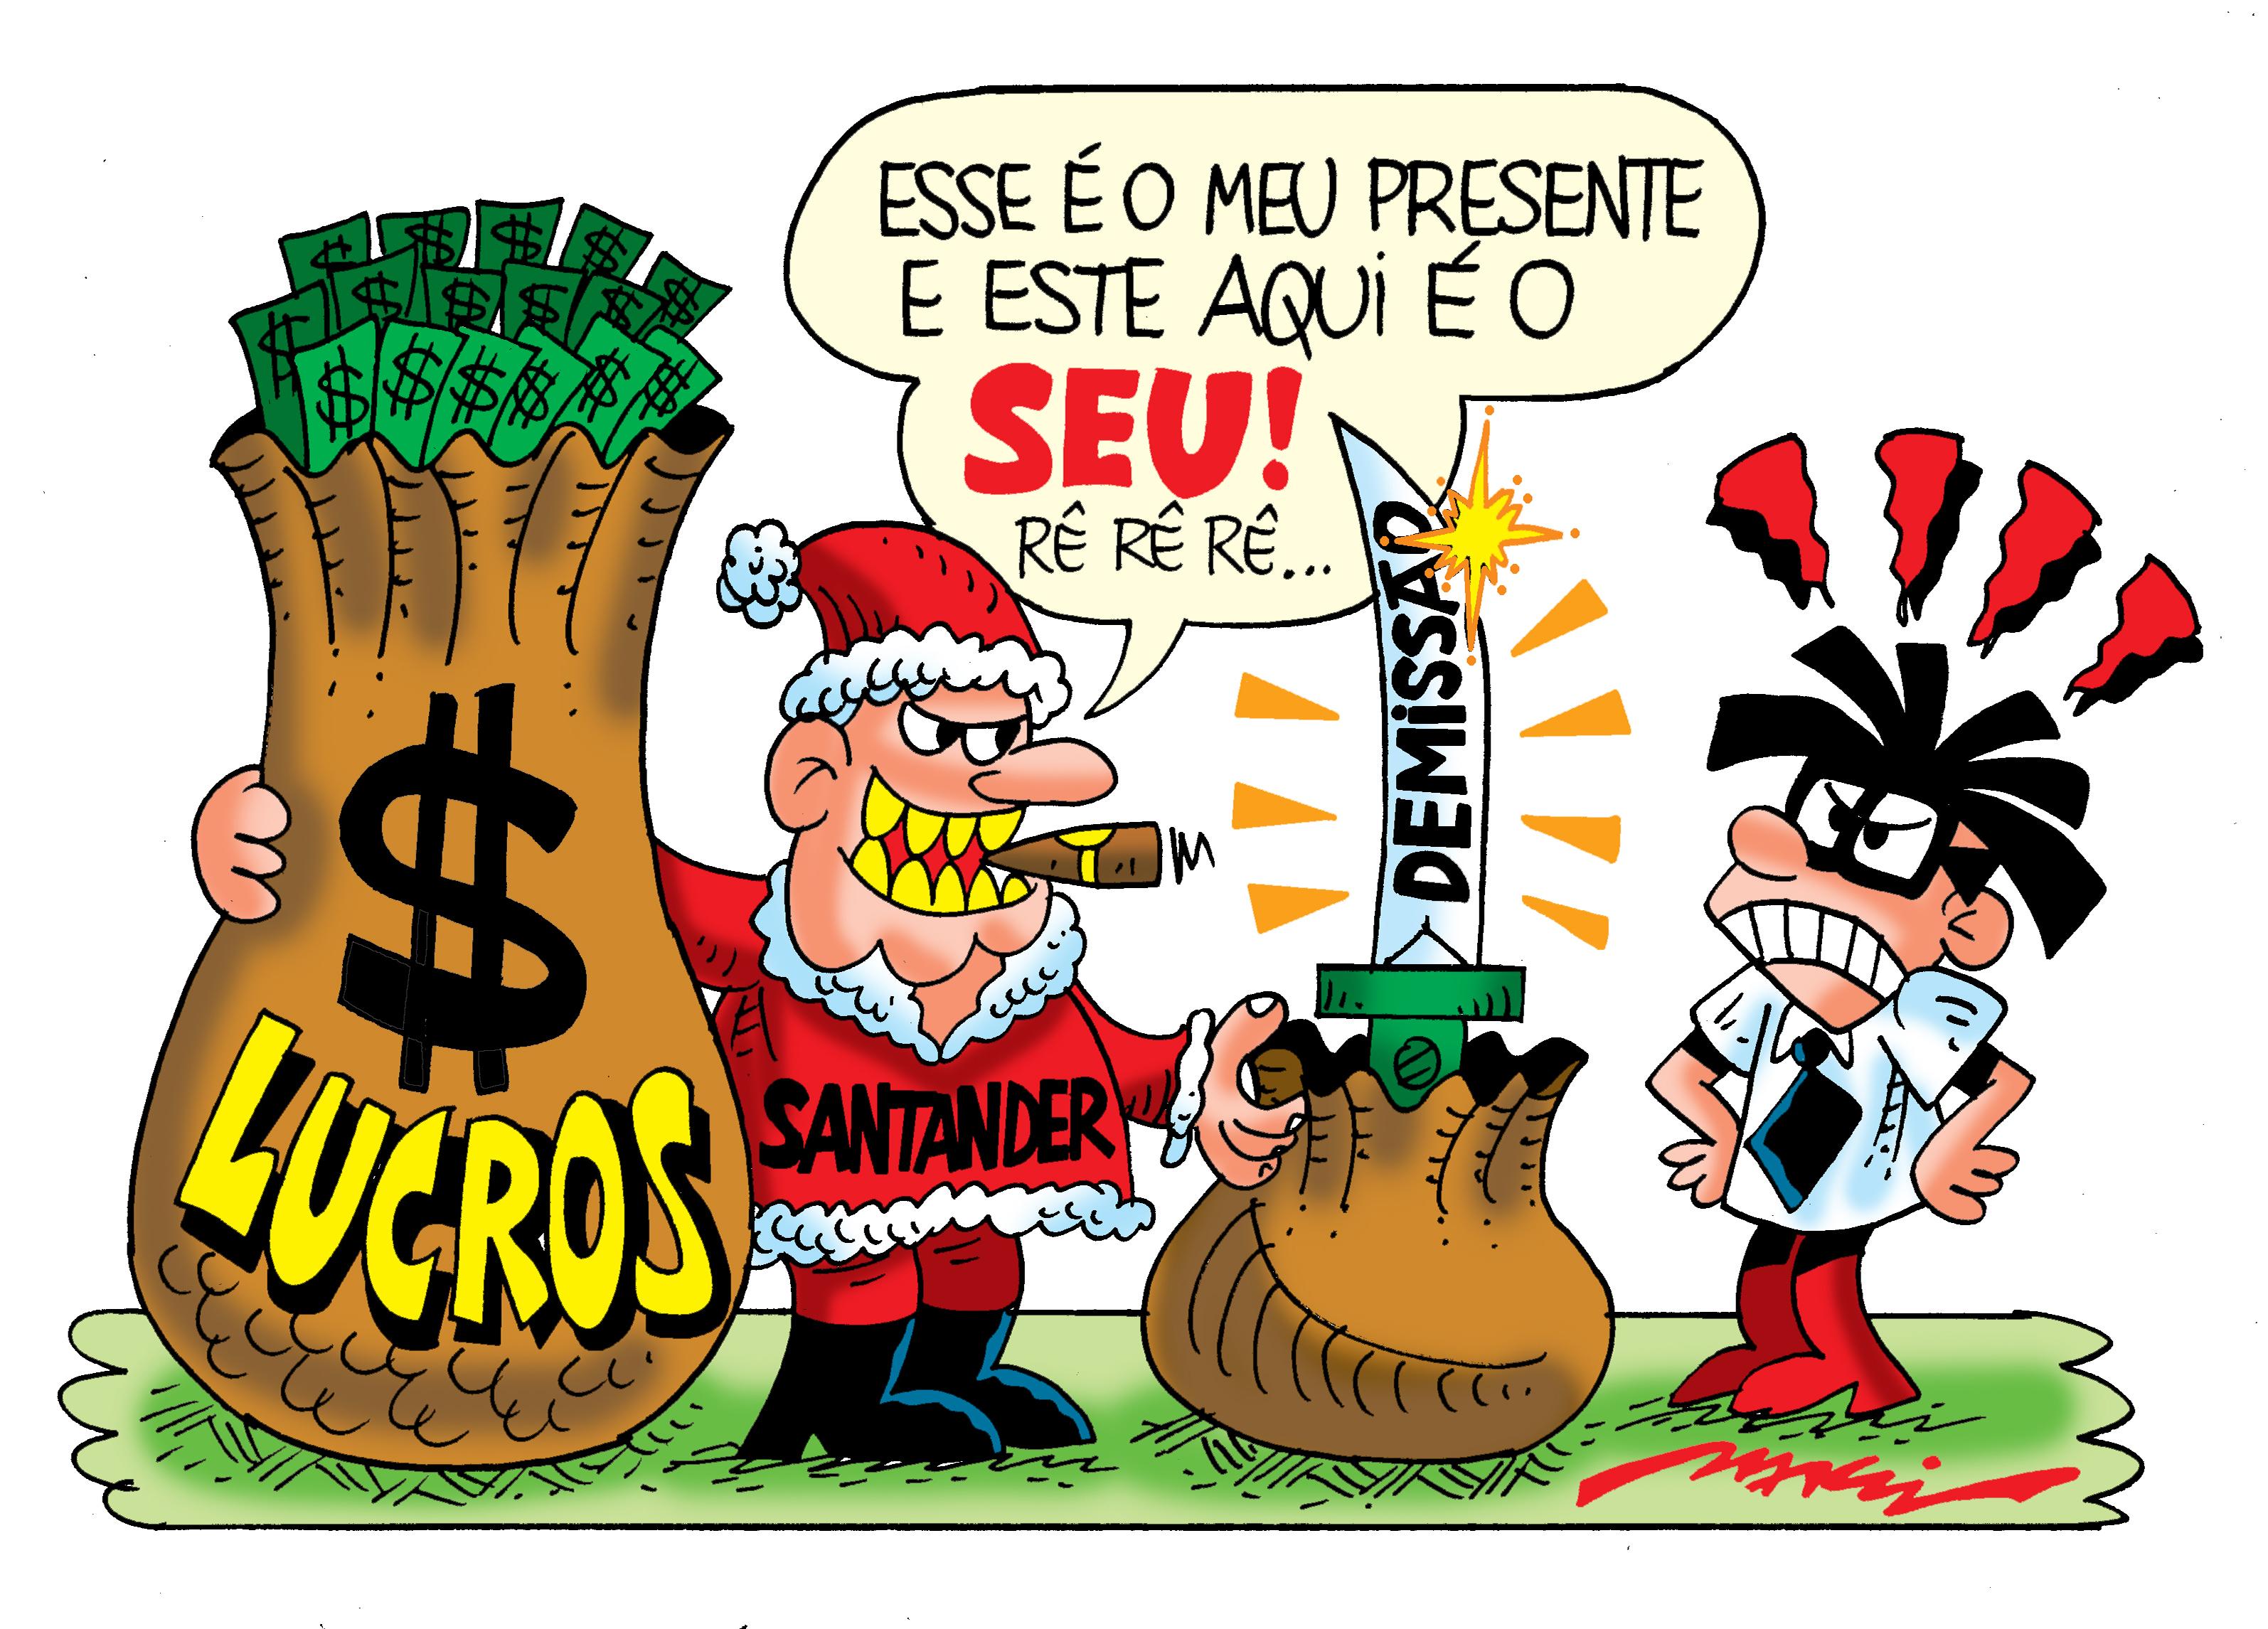 Ho Ho Ho?! No Santander, o presente de Natal é a demissão - Sindicato dos Bancários SP